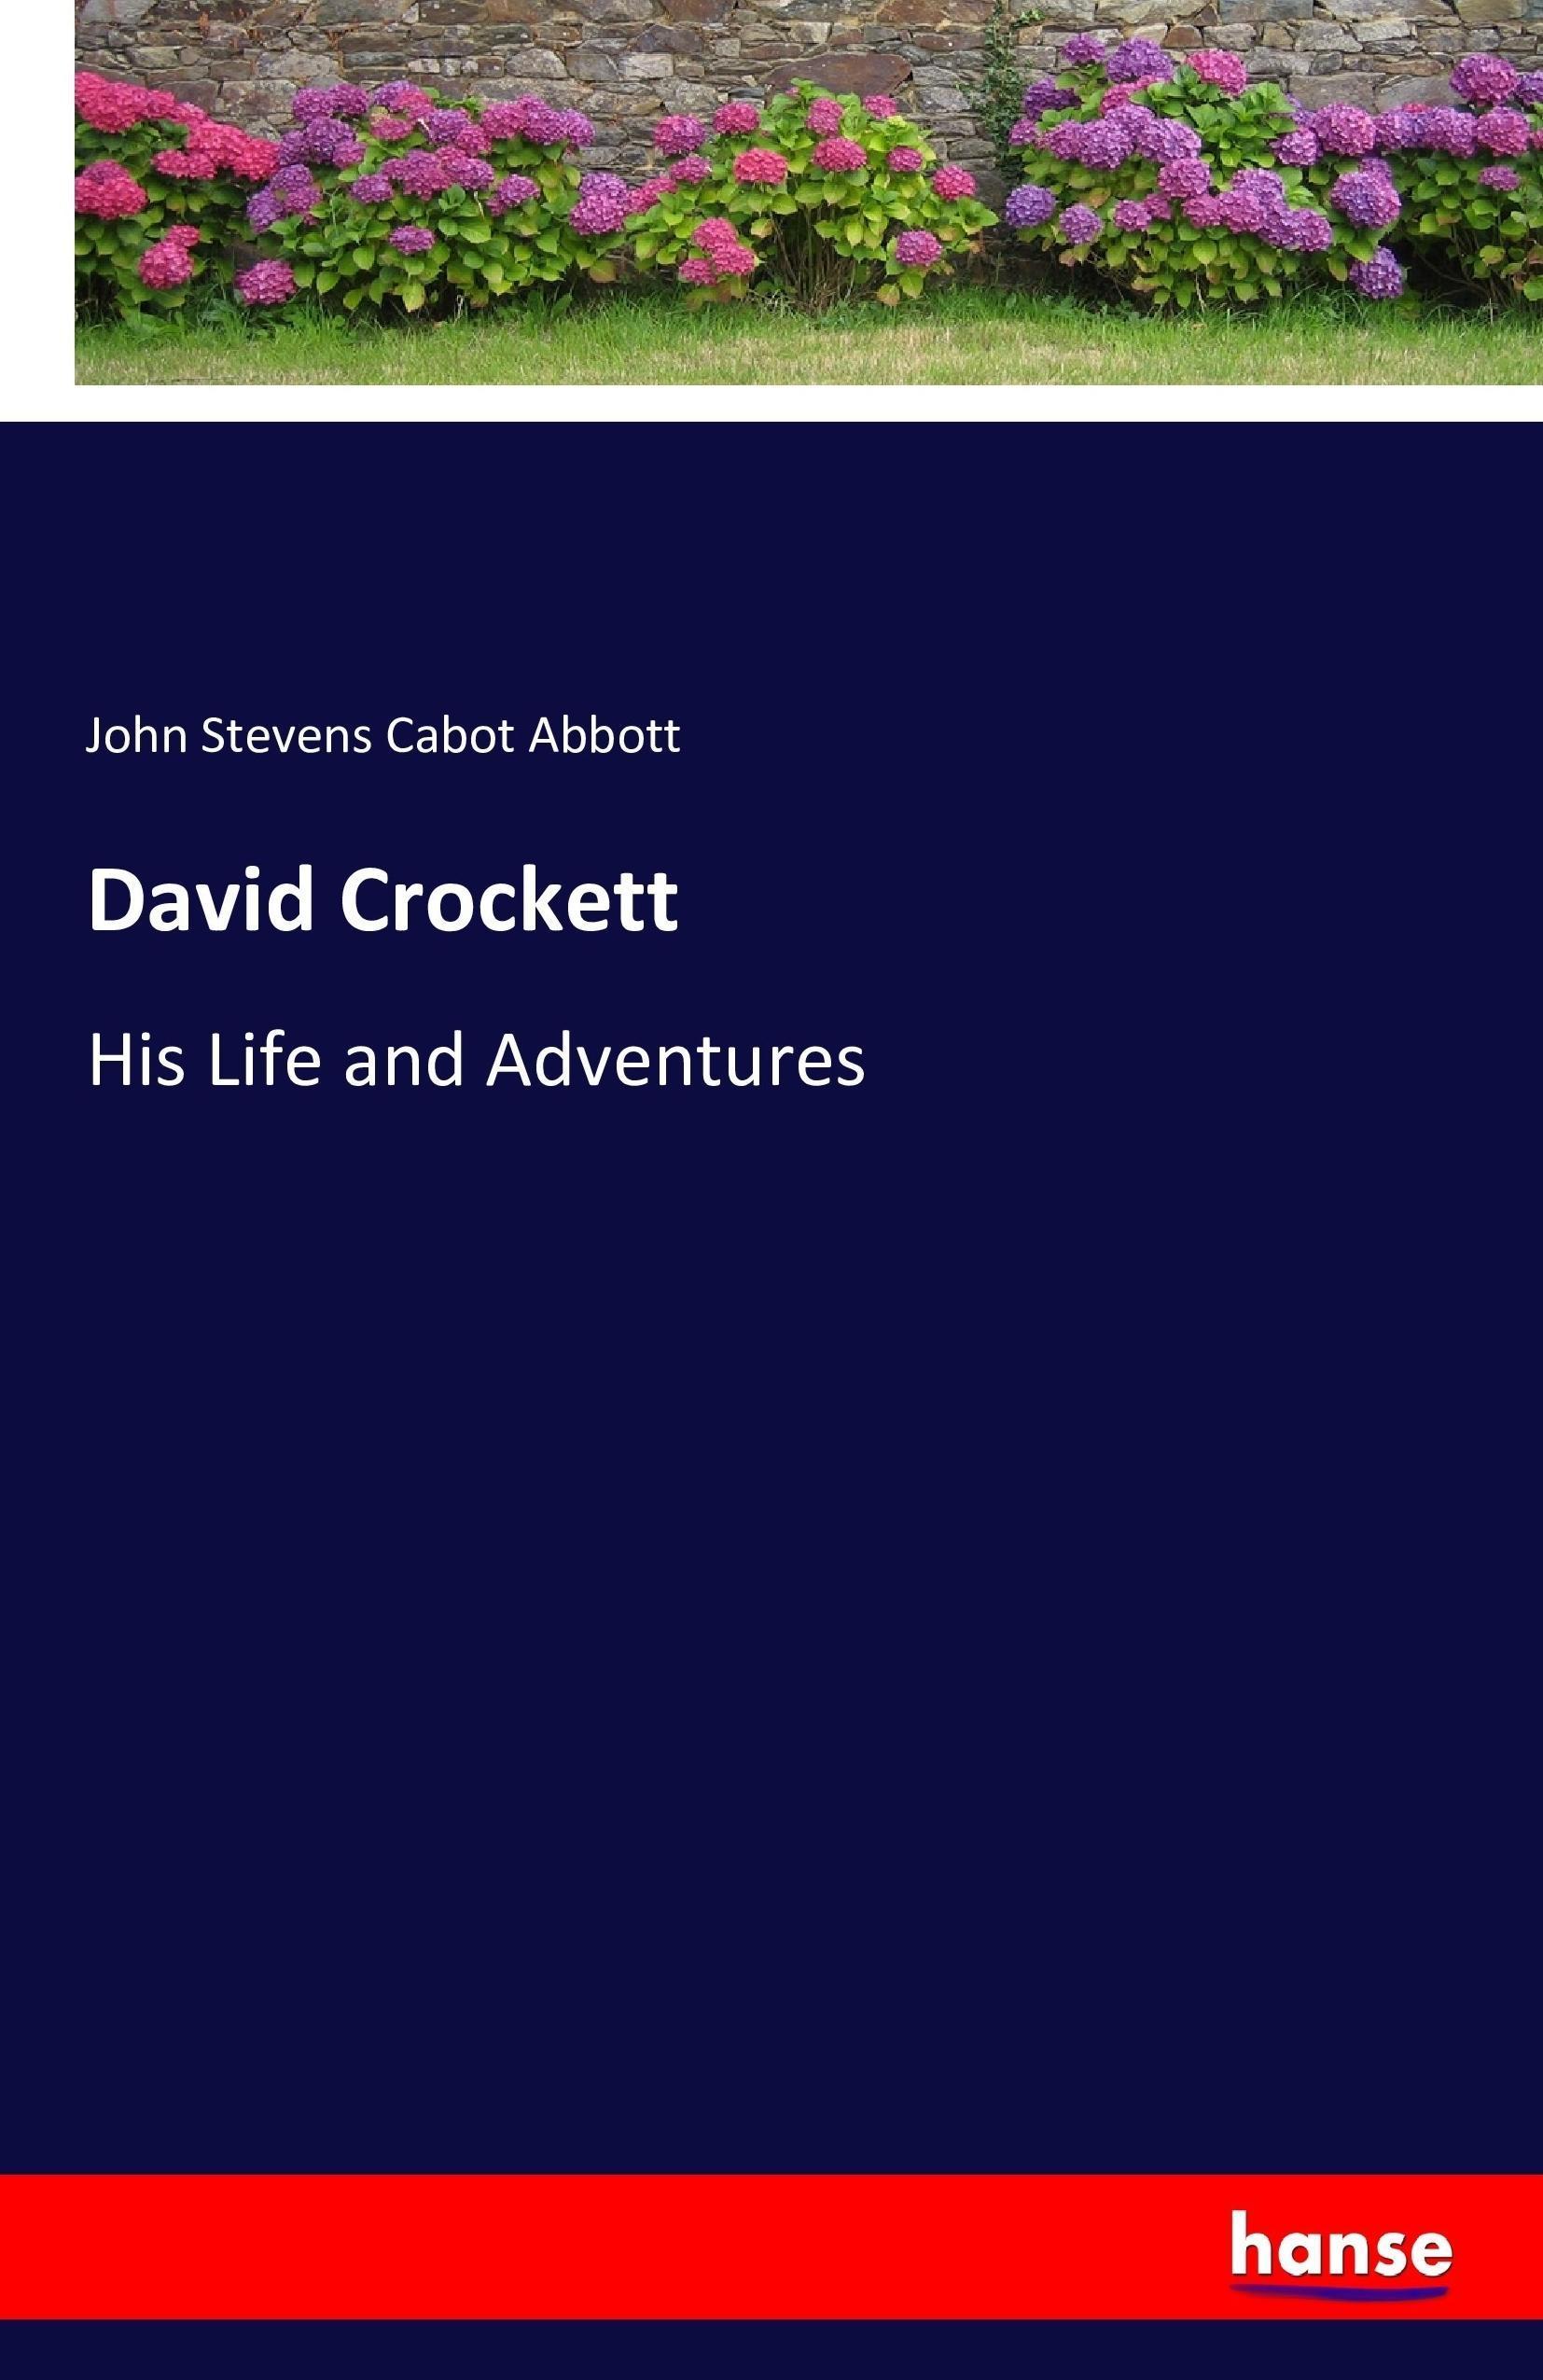 David Crockett John Stevens Cabot Abbott